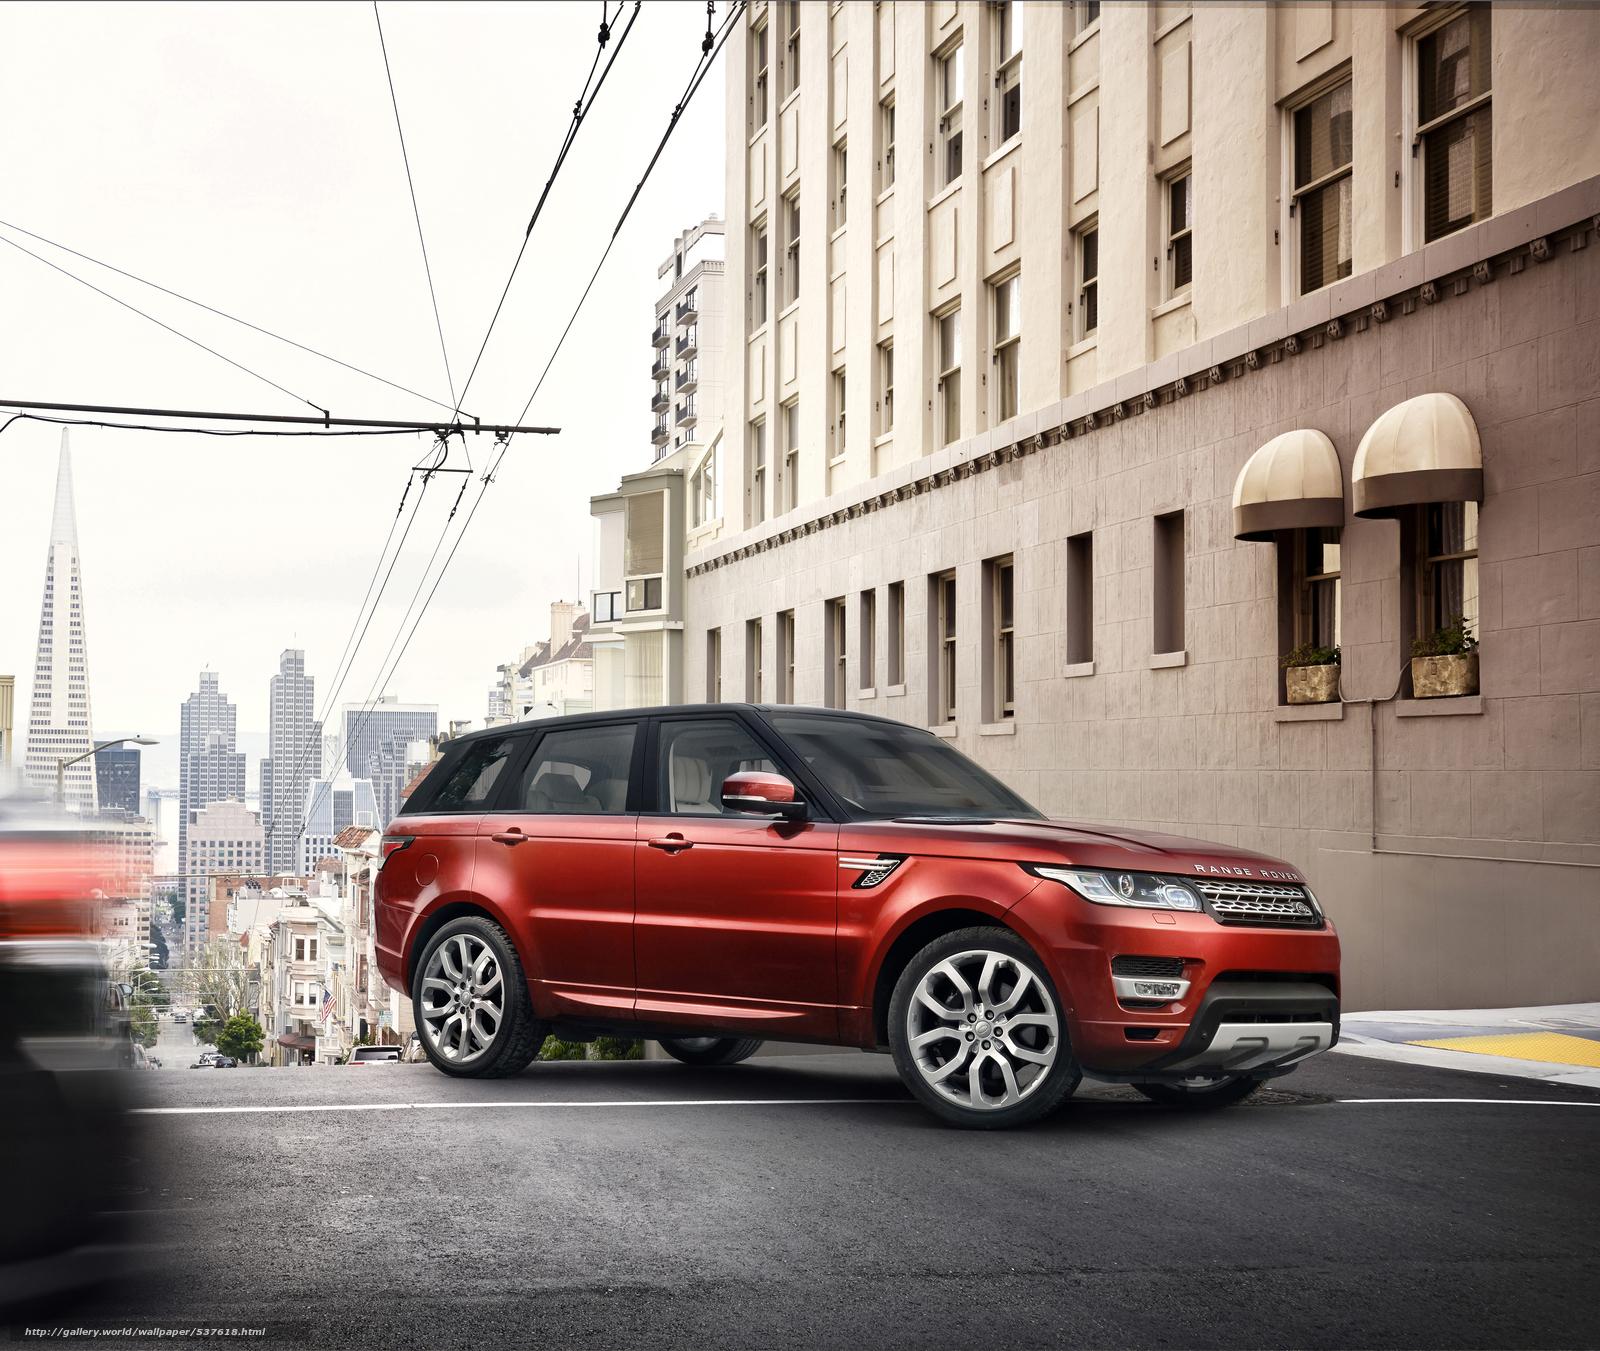 Tlcharger Fond D'ecran 2014, Land Rover, Range Rover